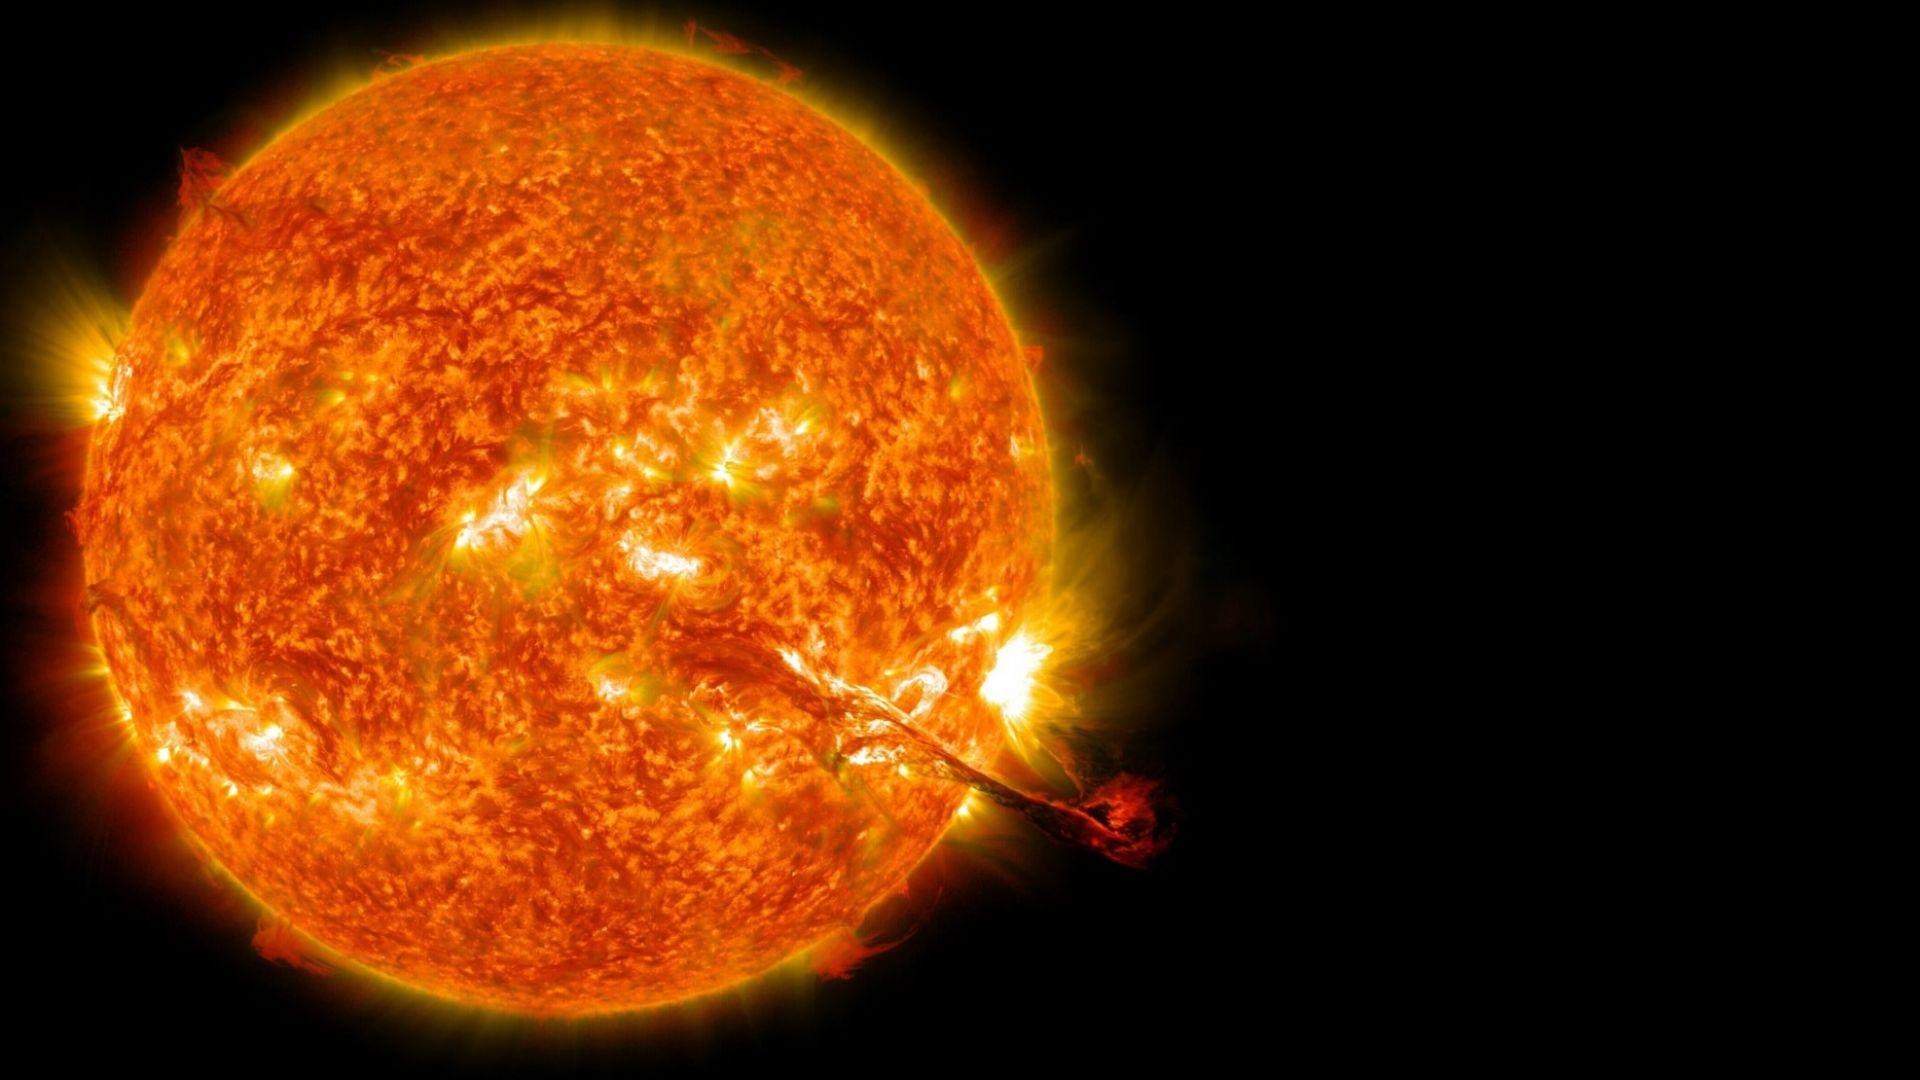 През 2022 г. и 2023 г. ще има силни слънчеви бури